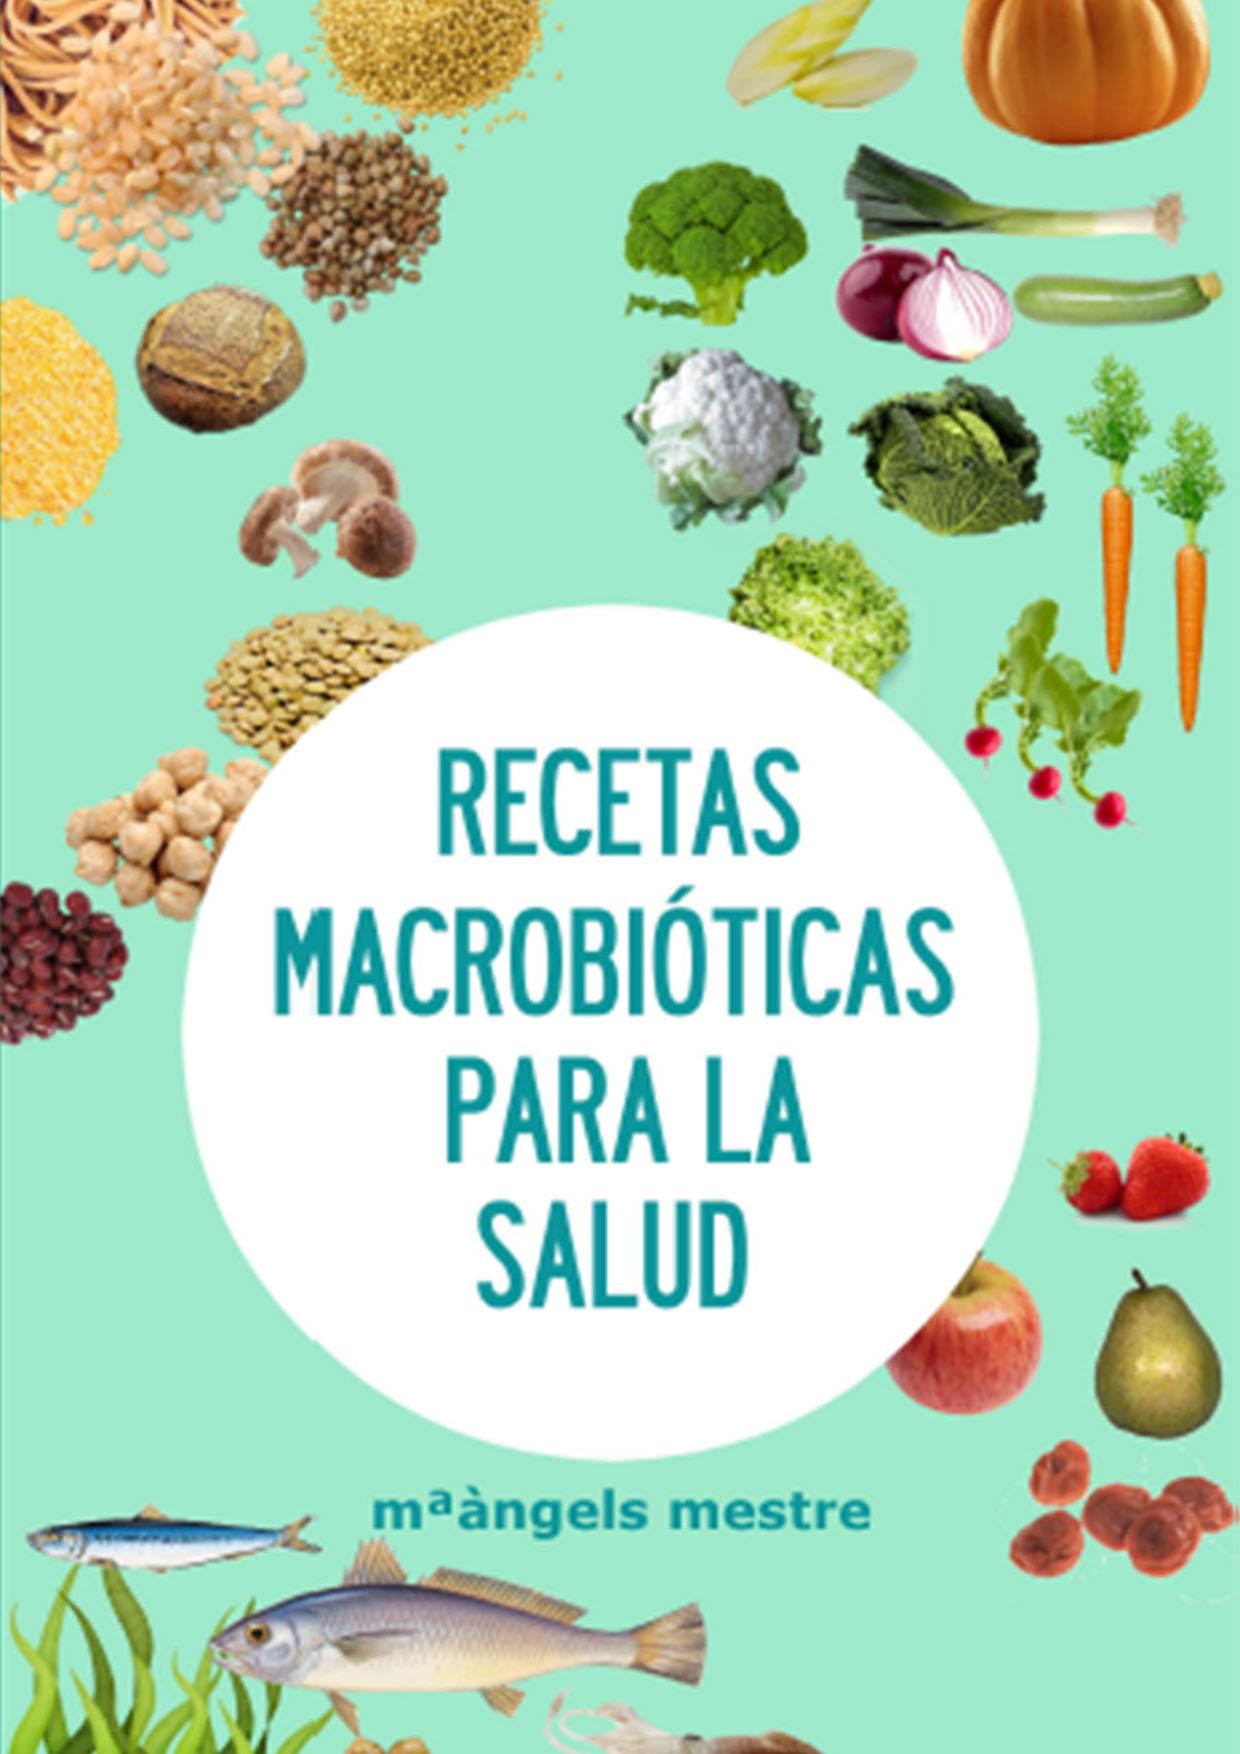 Recetas macrobióticas para la Salud